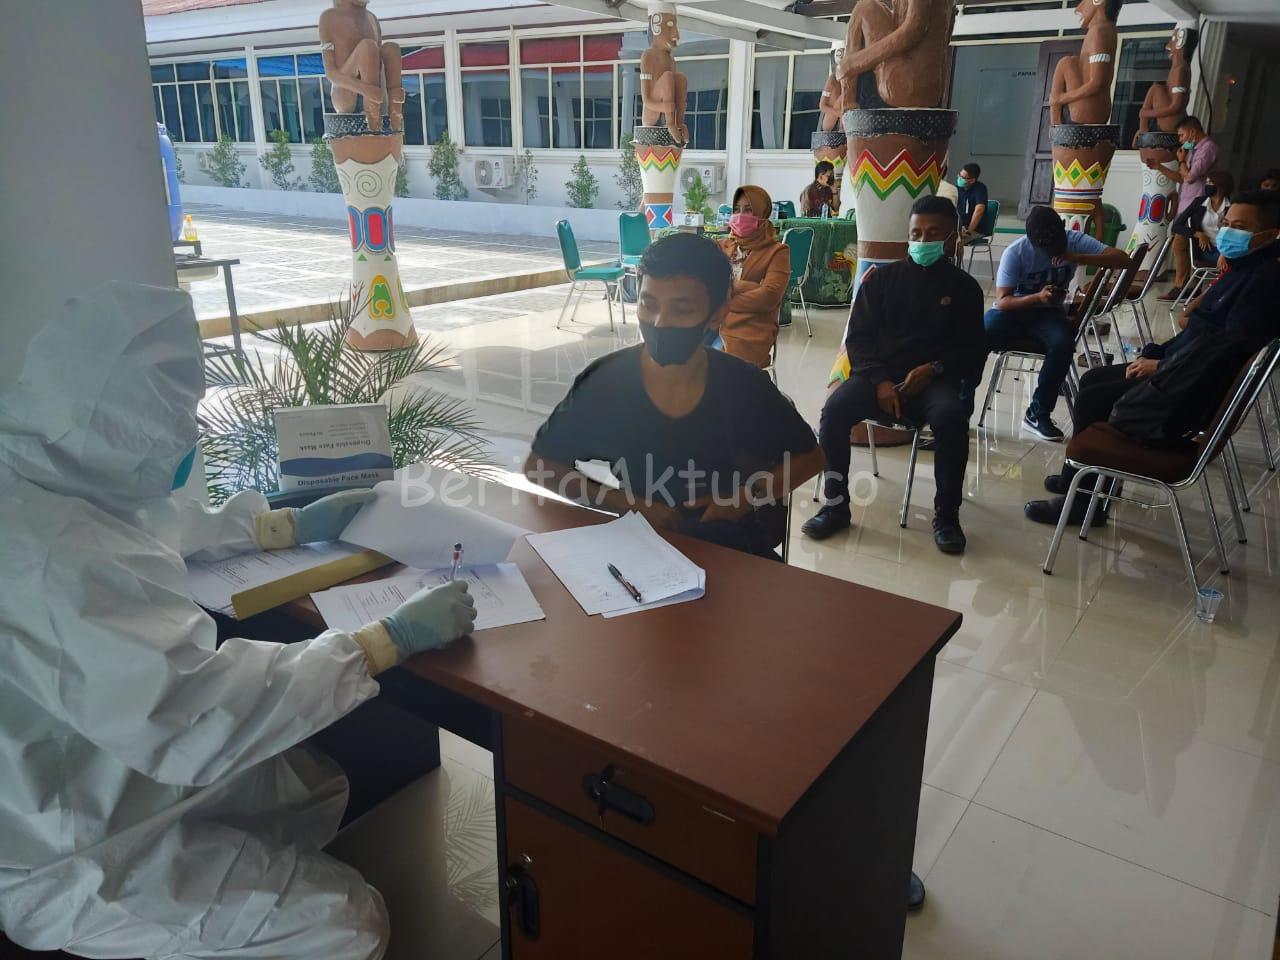 Hari Kedua, Kejati Papua Barat Buka Pemeriksaan Swab Gratis Untuk Masyarakat 1 IMG 20200612 WA0033